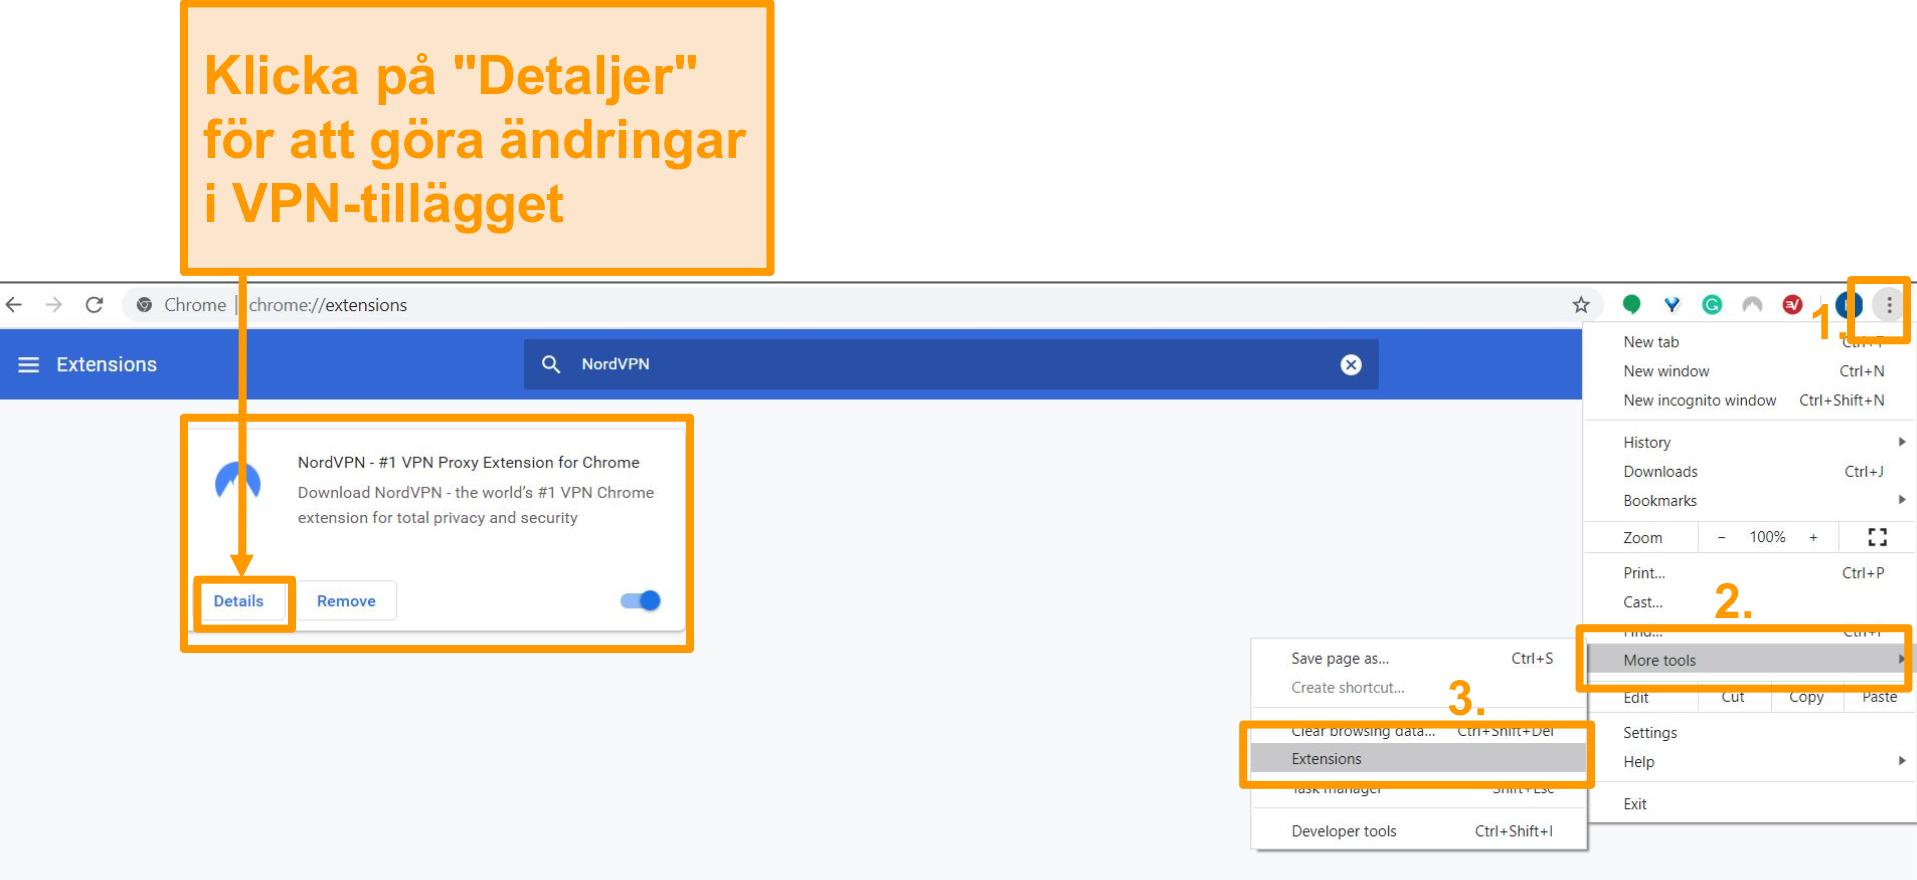 Skärmdump av inställningarna för webbläsartillägg i Google Chrome.